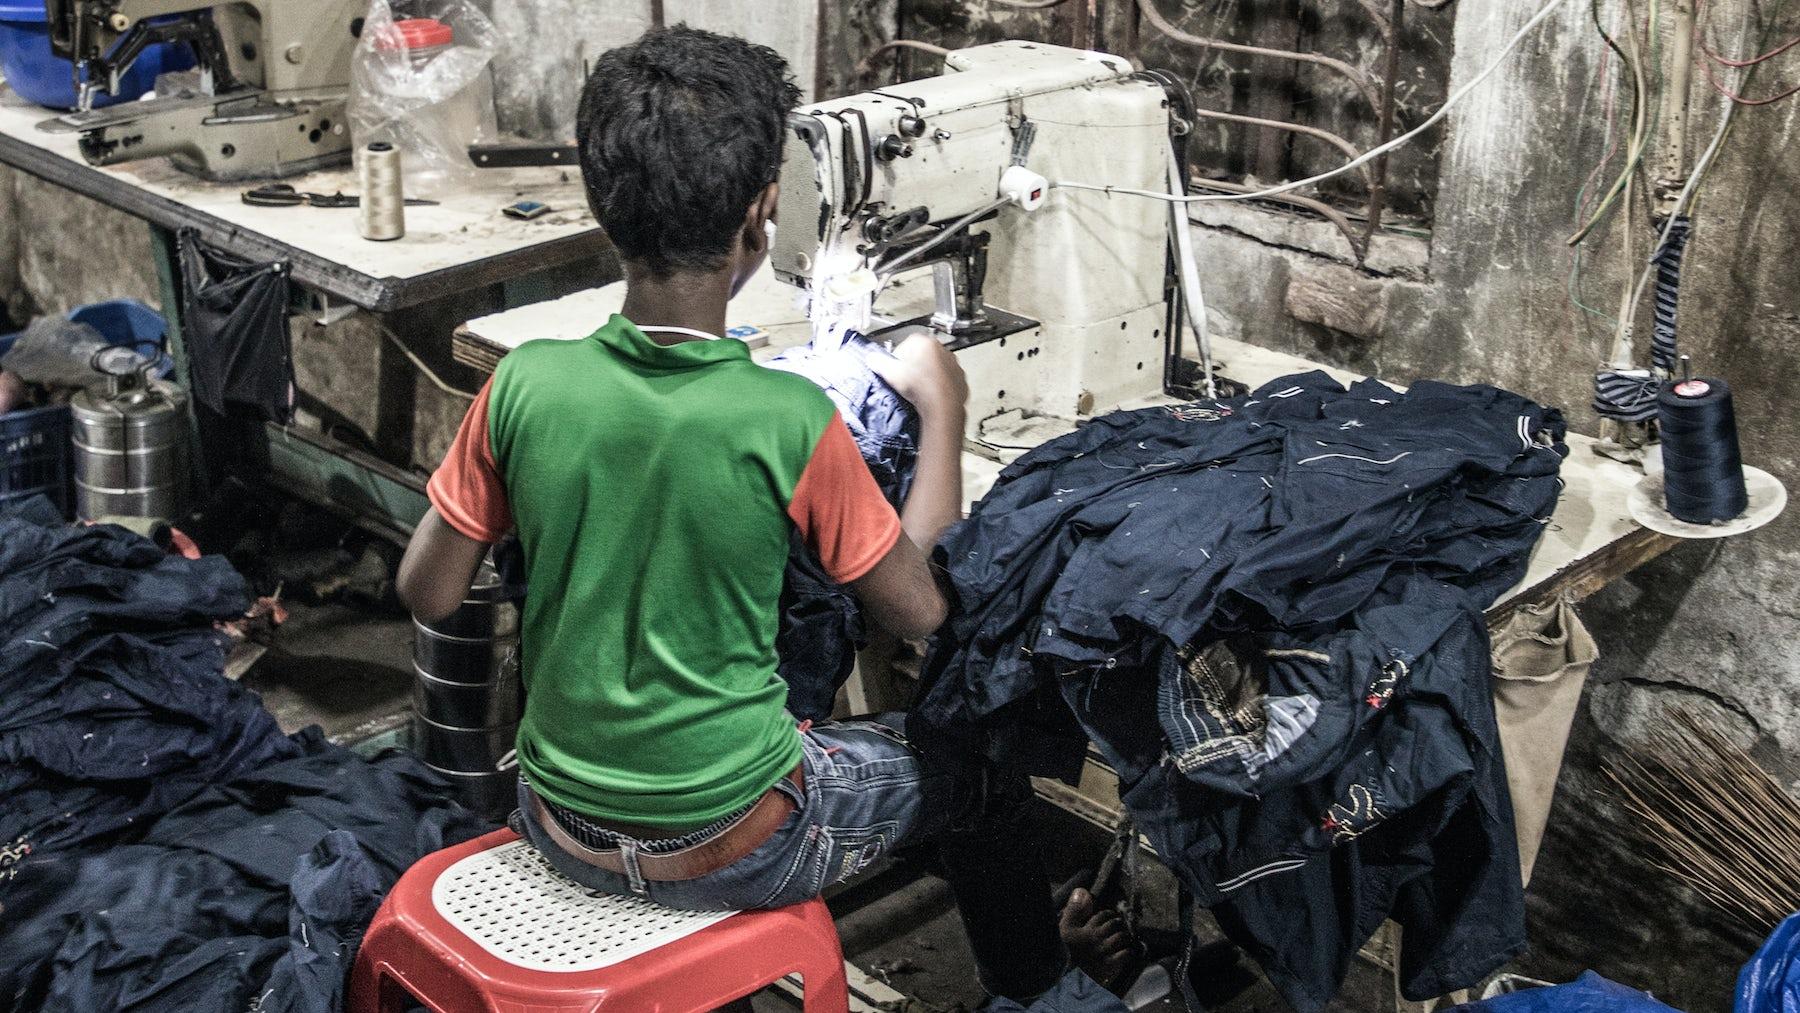 A child garment worker | Source: Shutterstock